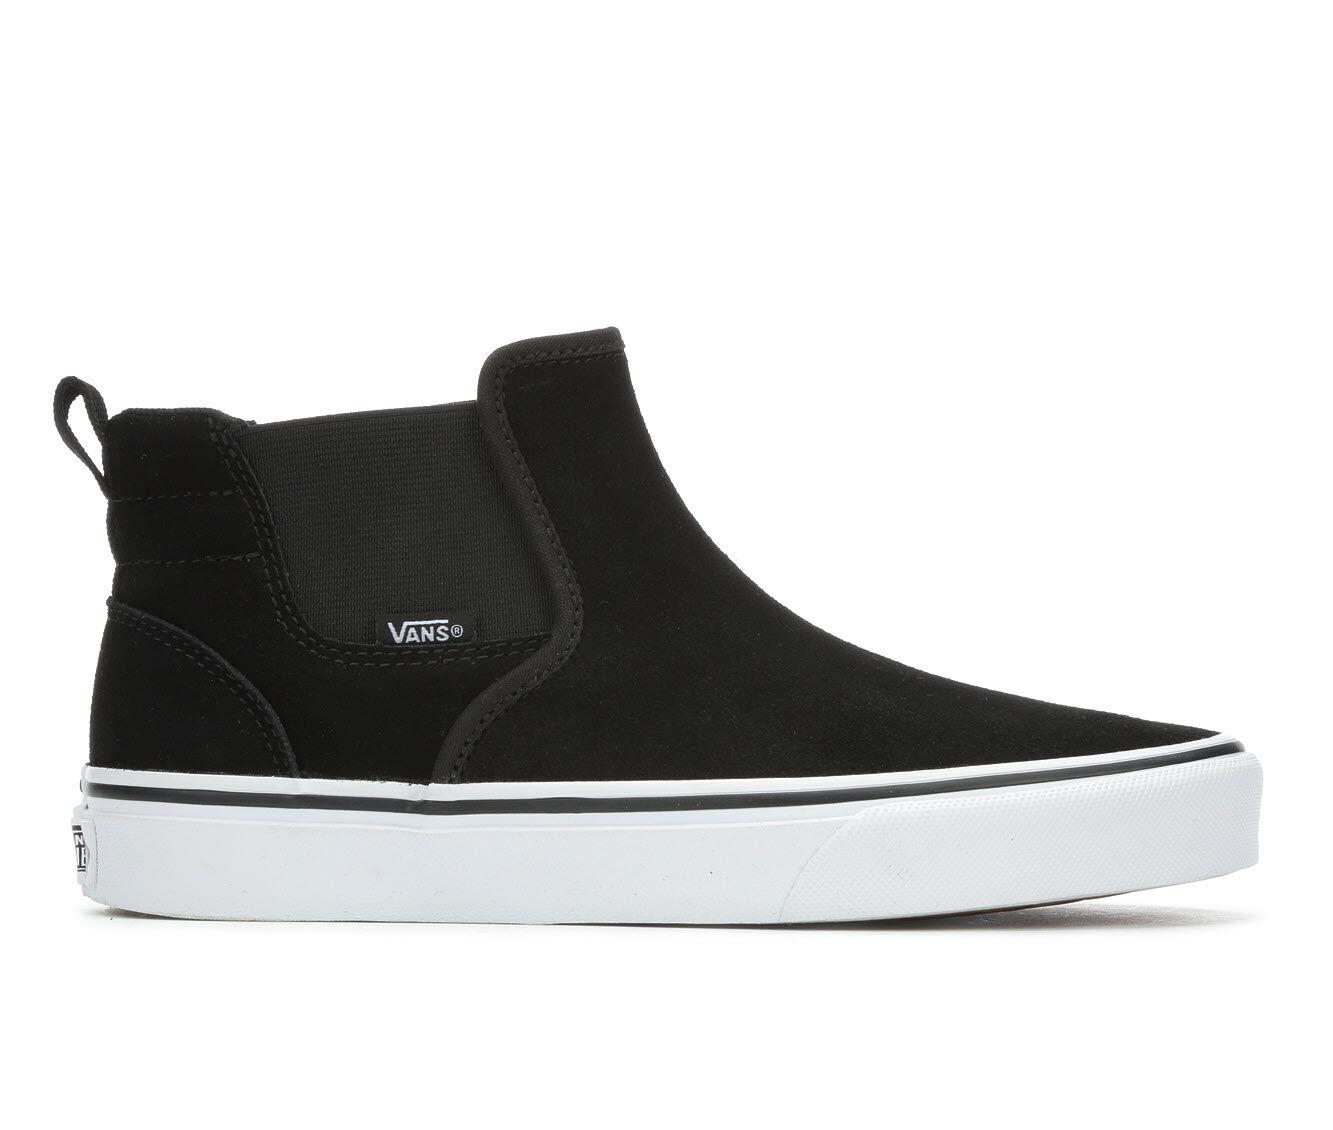 Women's Vans Asher Mid Skate Shoes Black/White